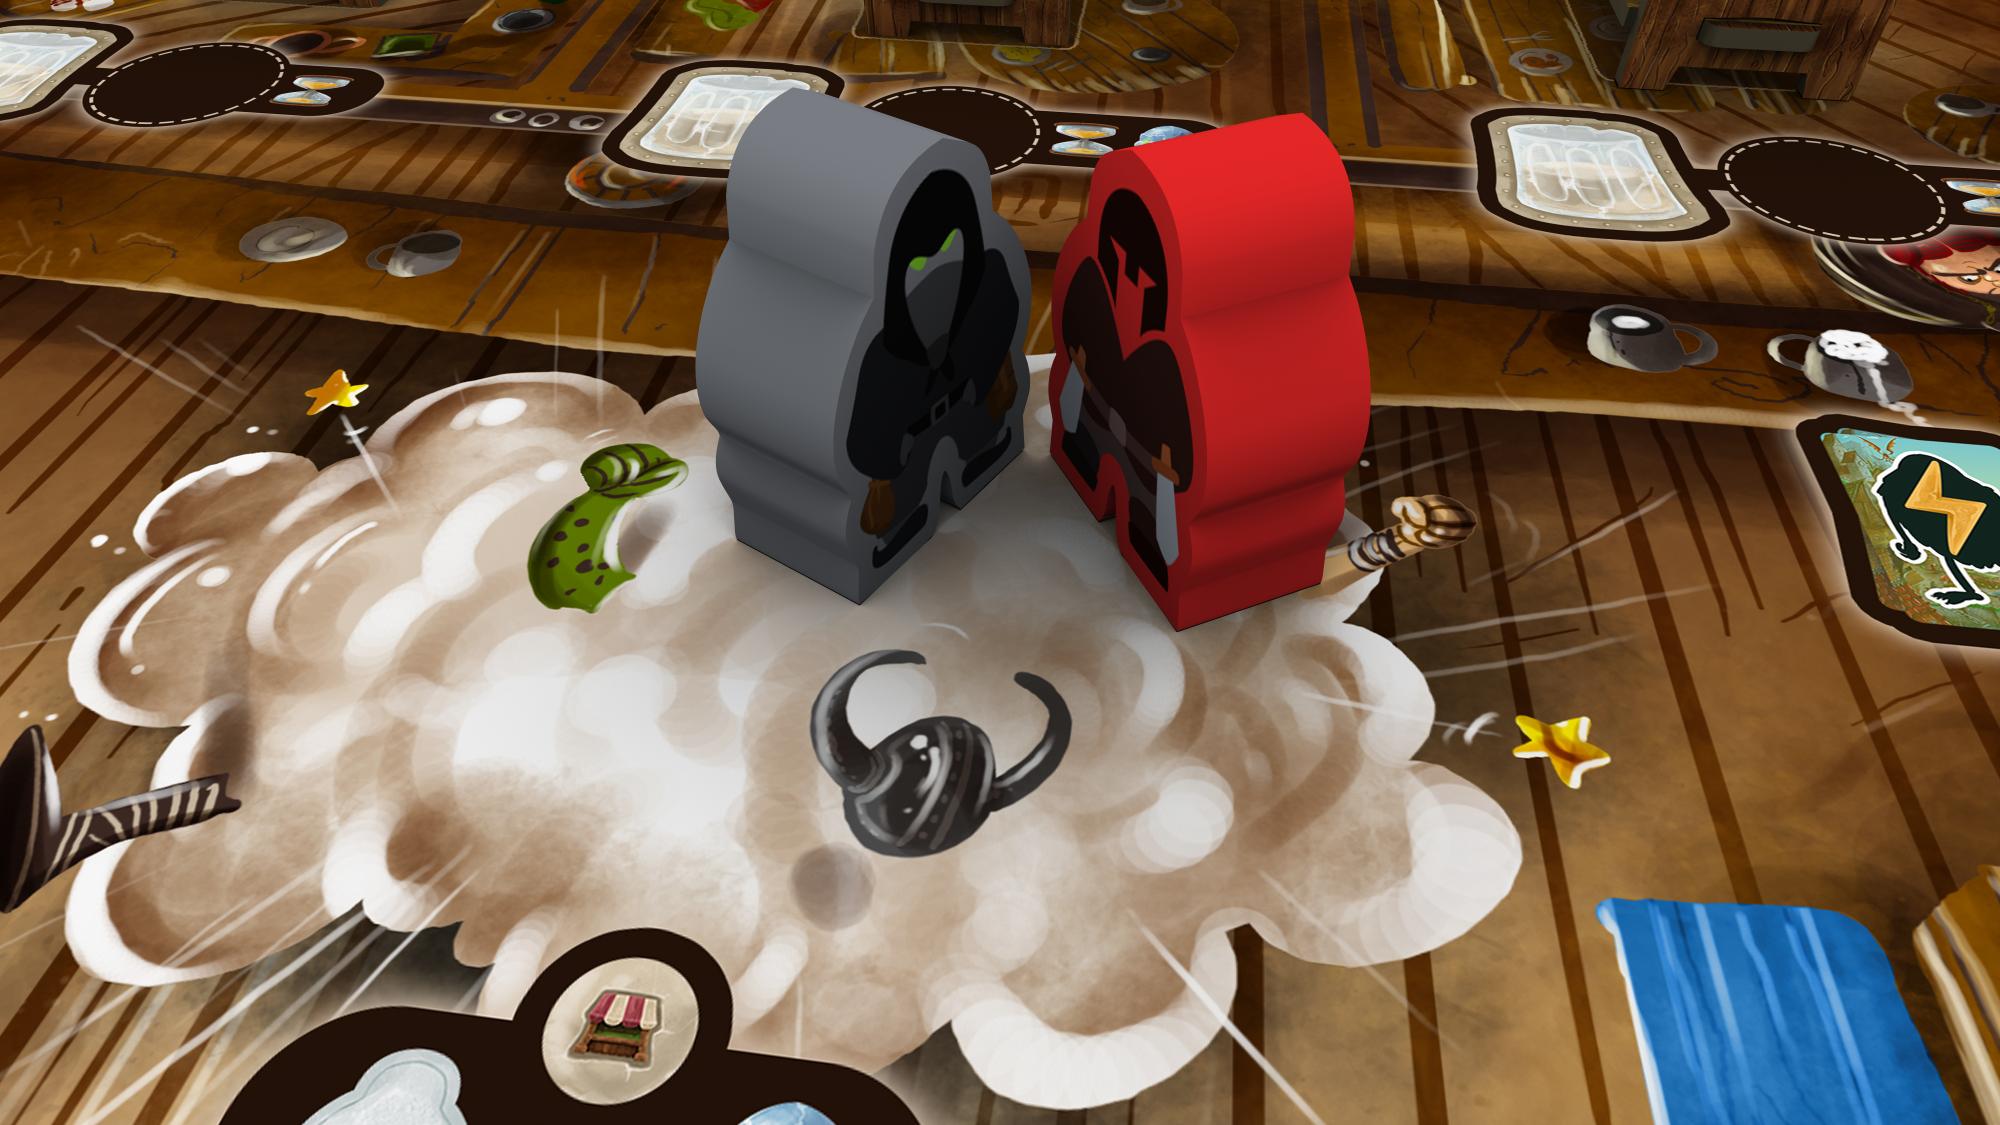 https://finalfrontiergames.com/wp-content/uploads/2019/08/innkeeper_16.png